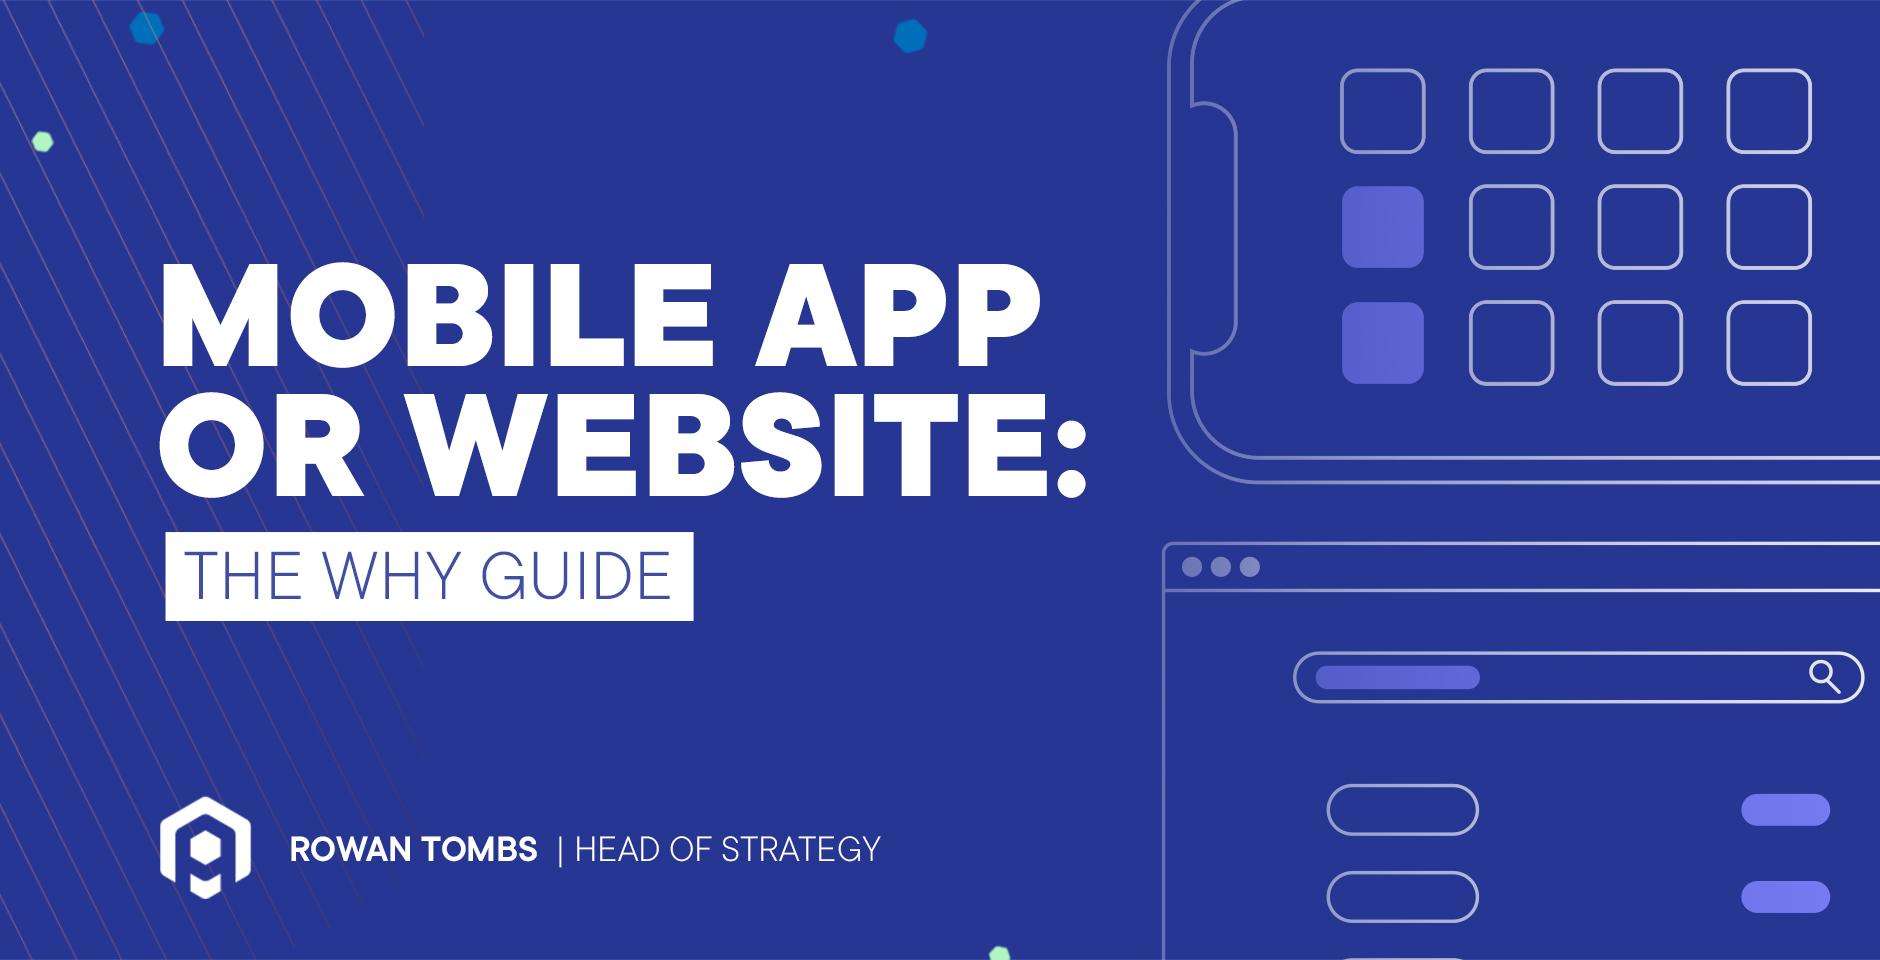 Mobile App or Website Image